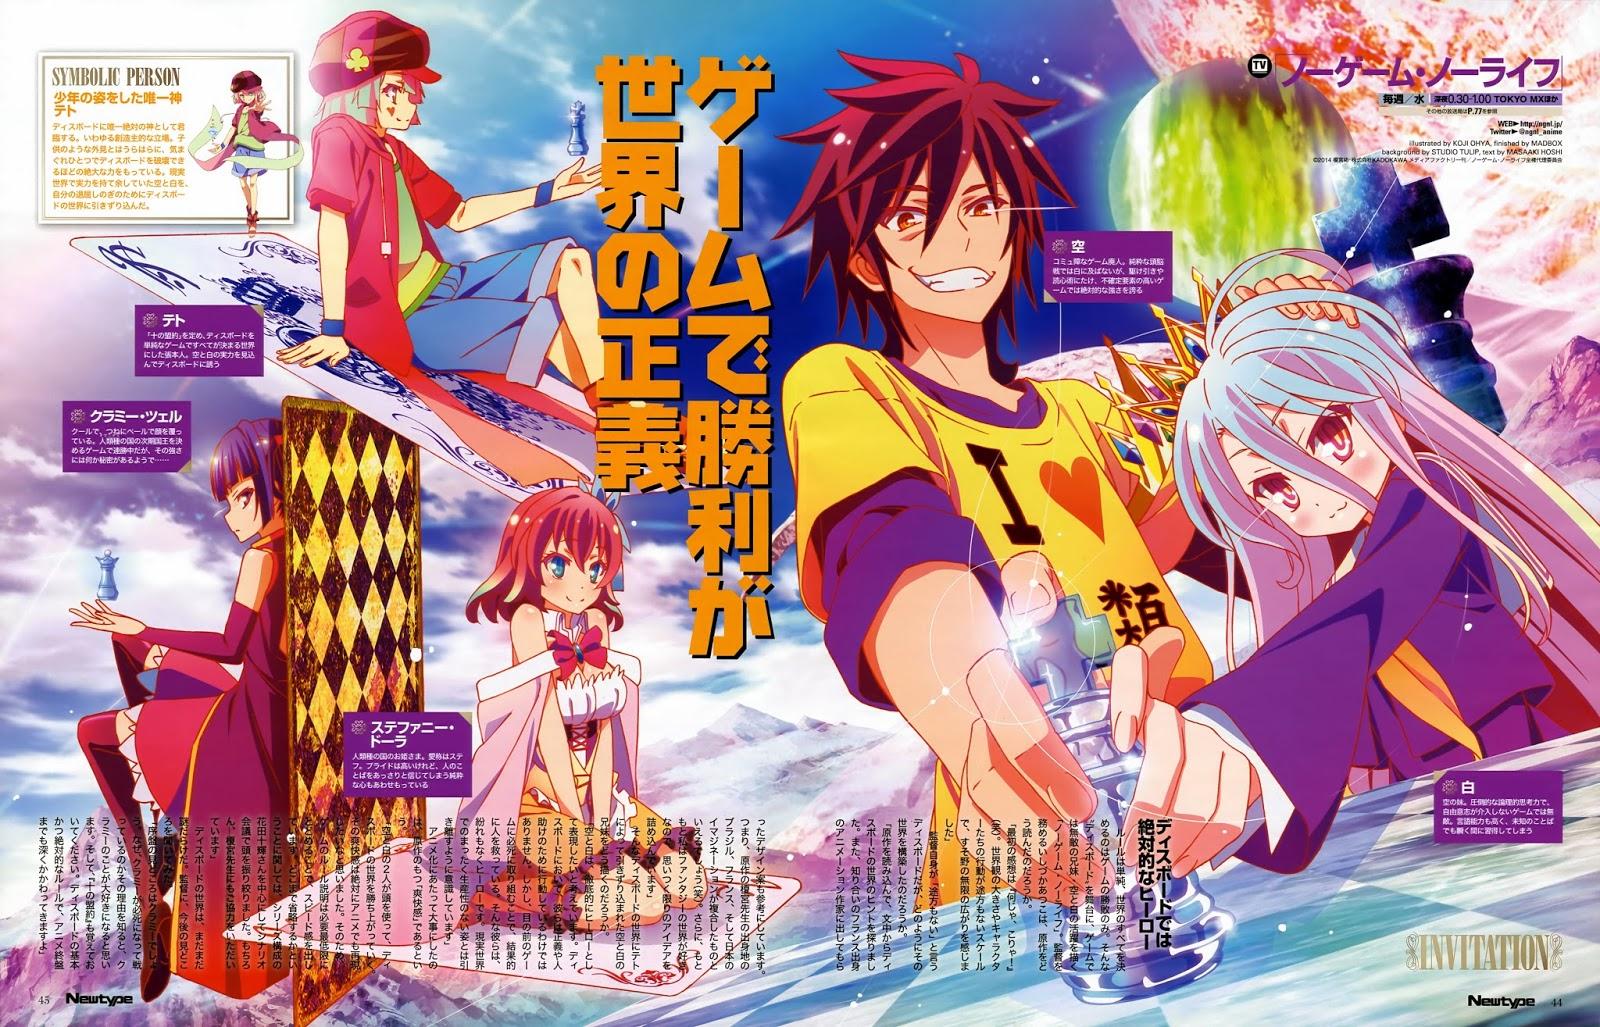 Dan Pertama Kali Dengar Judul Anime Ini Saya Yang Bahkan Bukan Seorang Gamers Sejati XD Langsung Tertarik Nih Dari Judulnya Aja Menarik Banget